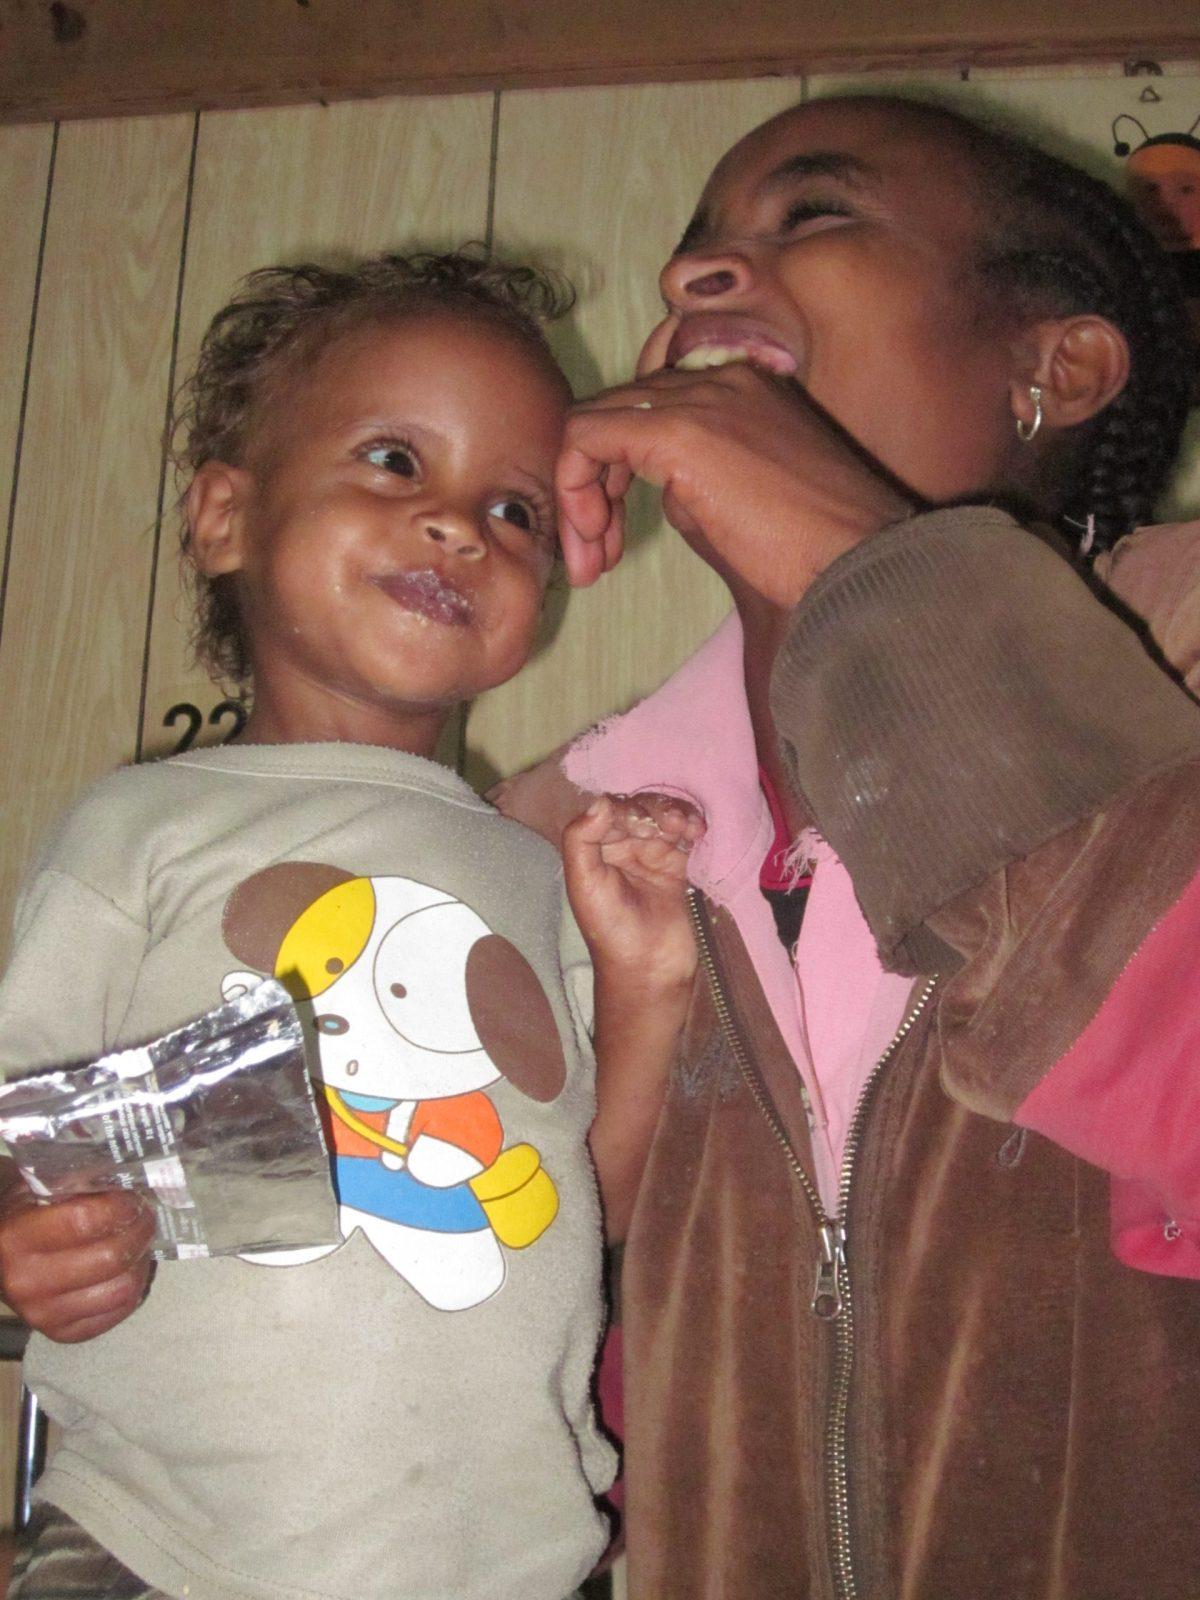 Hay viajes de los que nunca regresas africa alegria gambo dr alegria